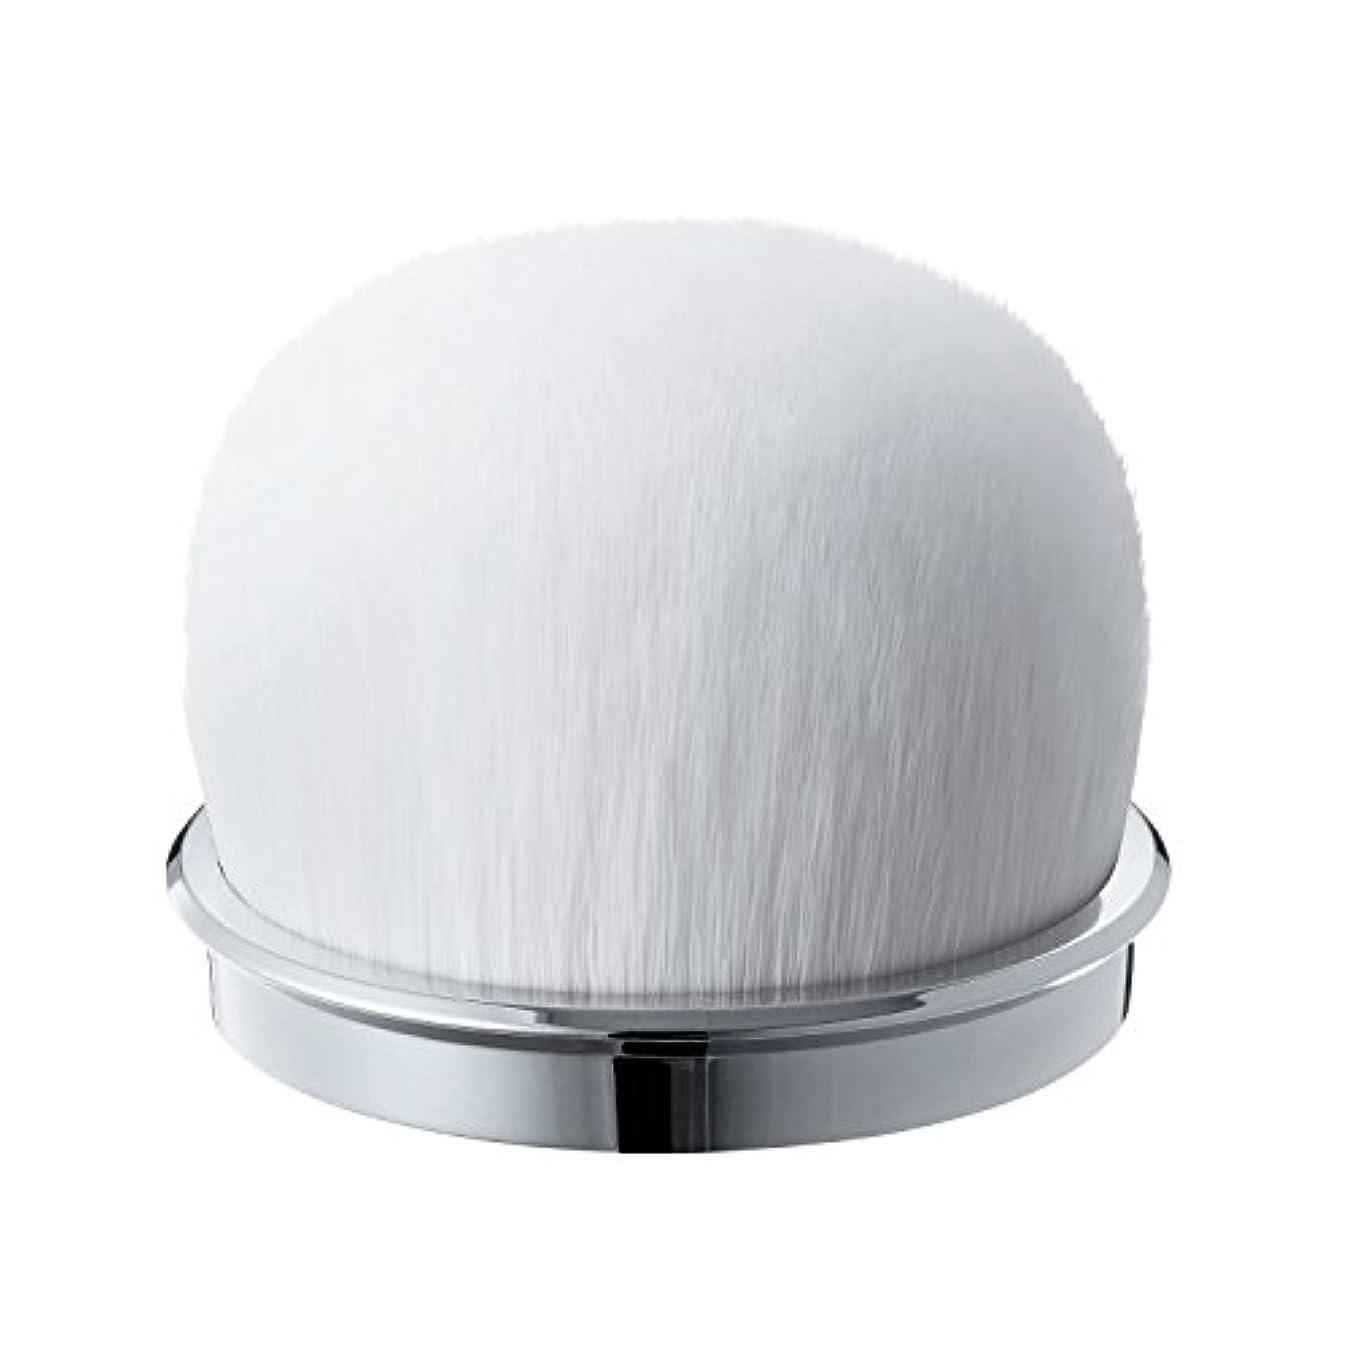 である権利を与える縮約MTG ReFa CLEAR BRUSH HEAD (リファクリアブラシヘッド)【メーカー純正品】スキンケア